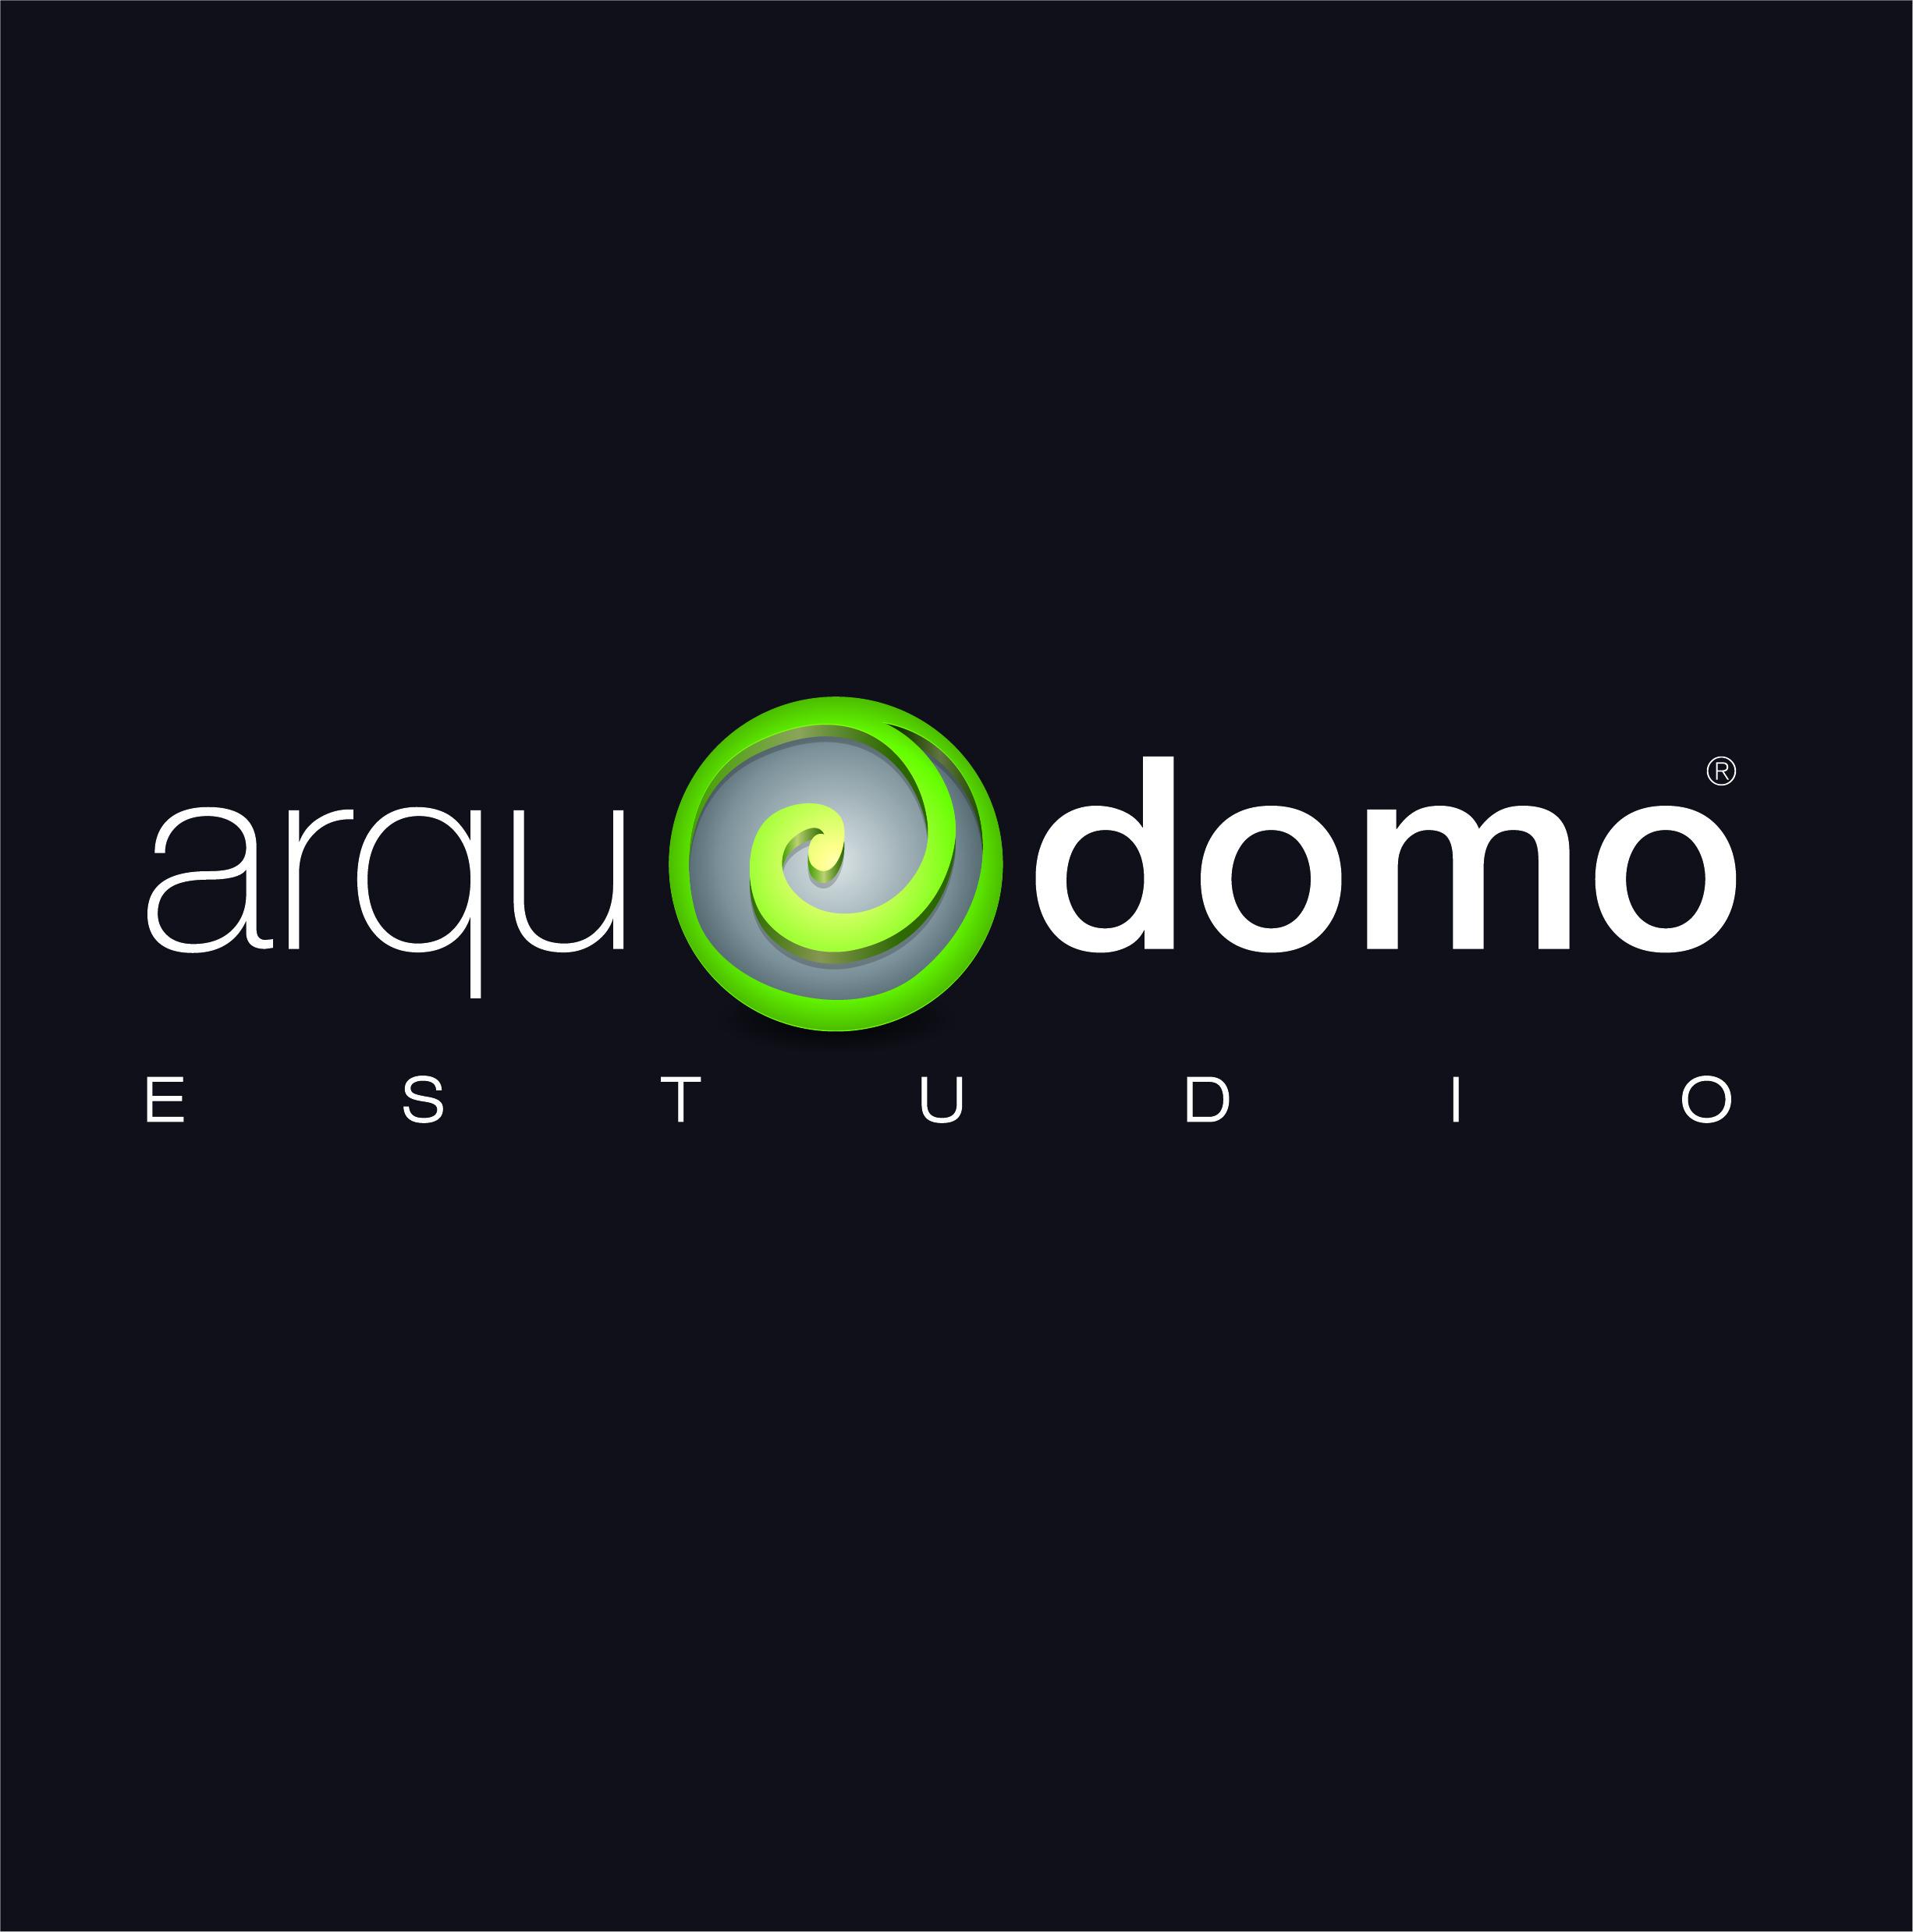 Arquedomo Madrid